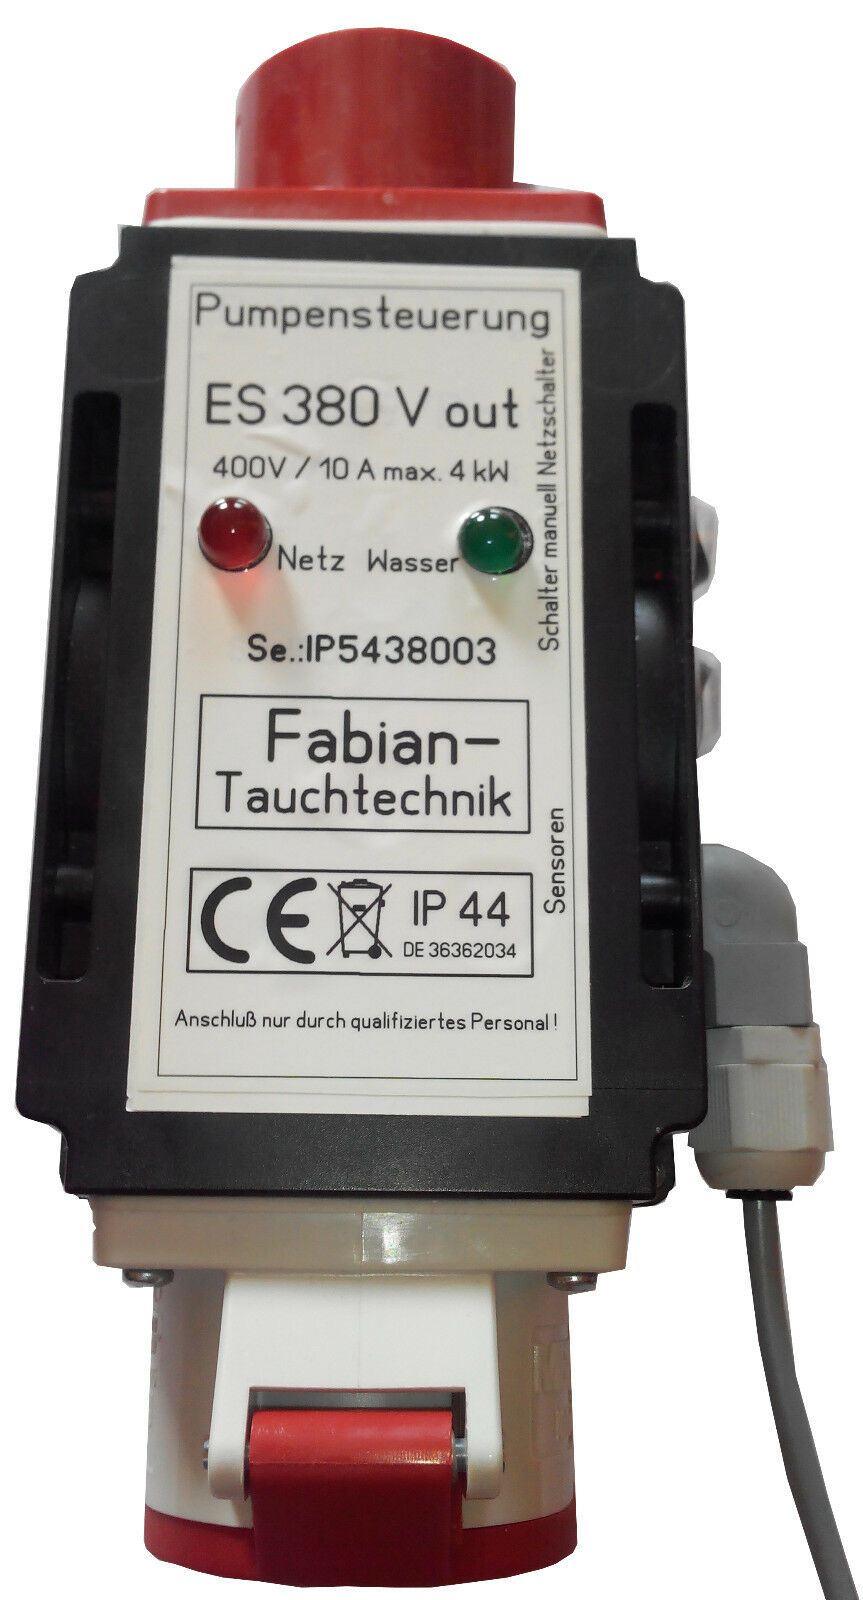 ES 380 Pumpensteuerung ,Niveausteuerung ,Entwässerung  mi. Sensorenanschlußbox